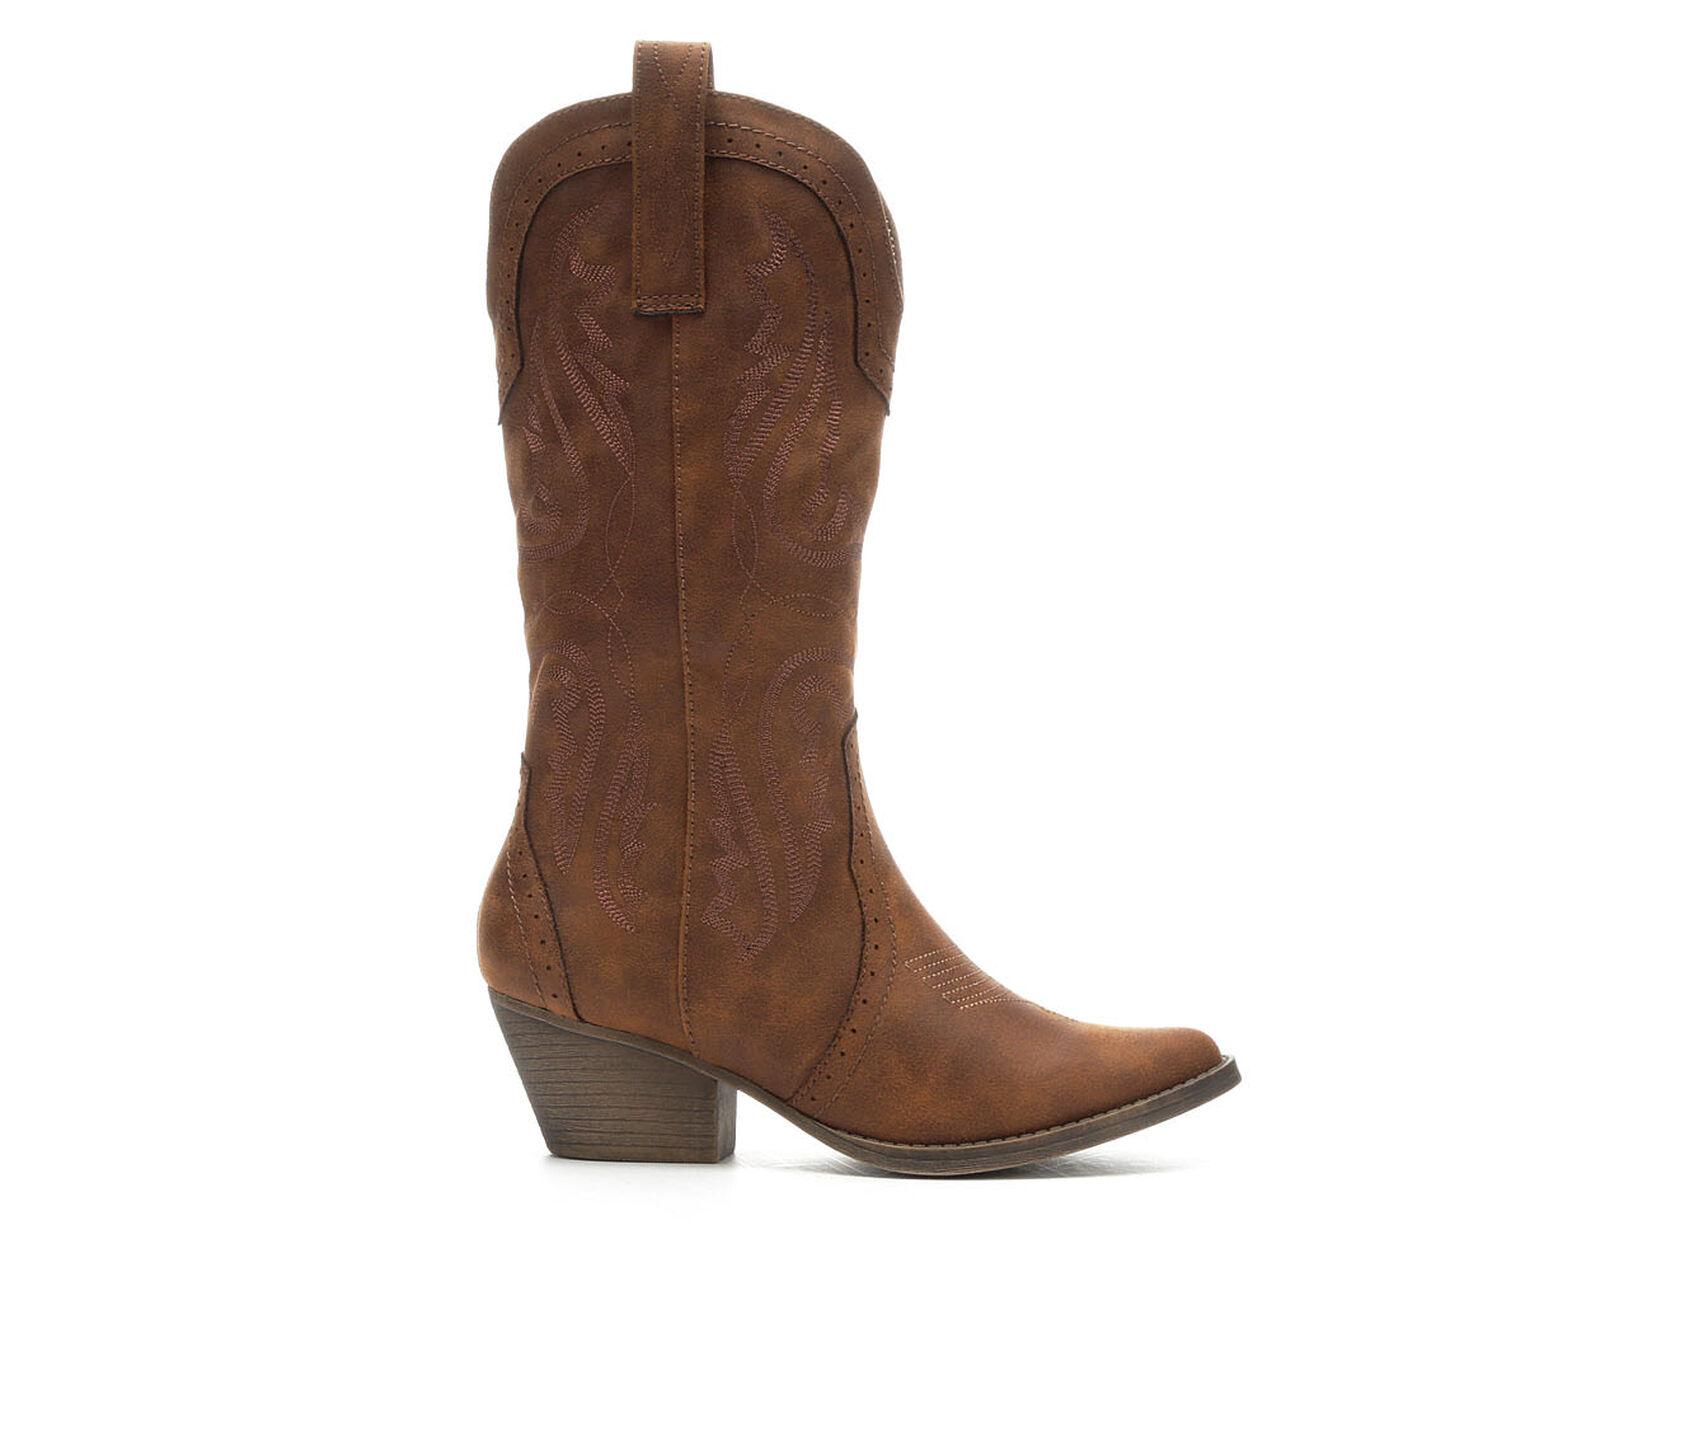 f17e9d24ba1 Women's Rampage Tammy Western Boots